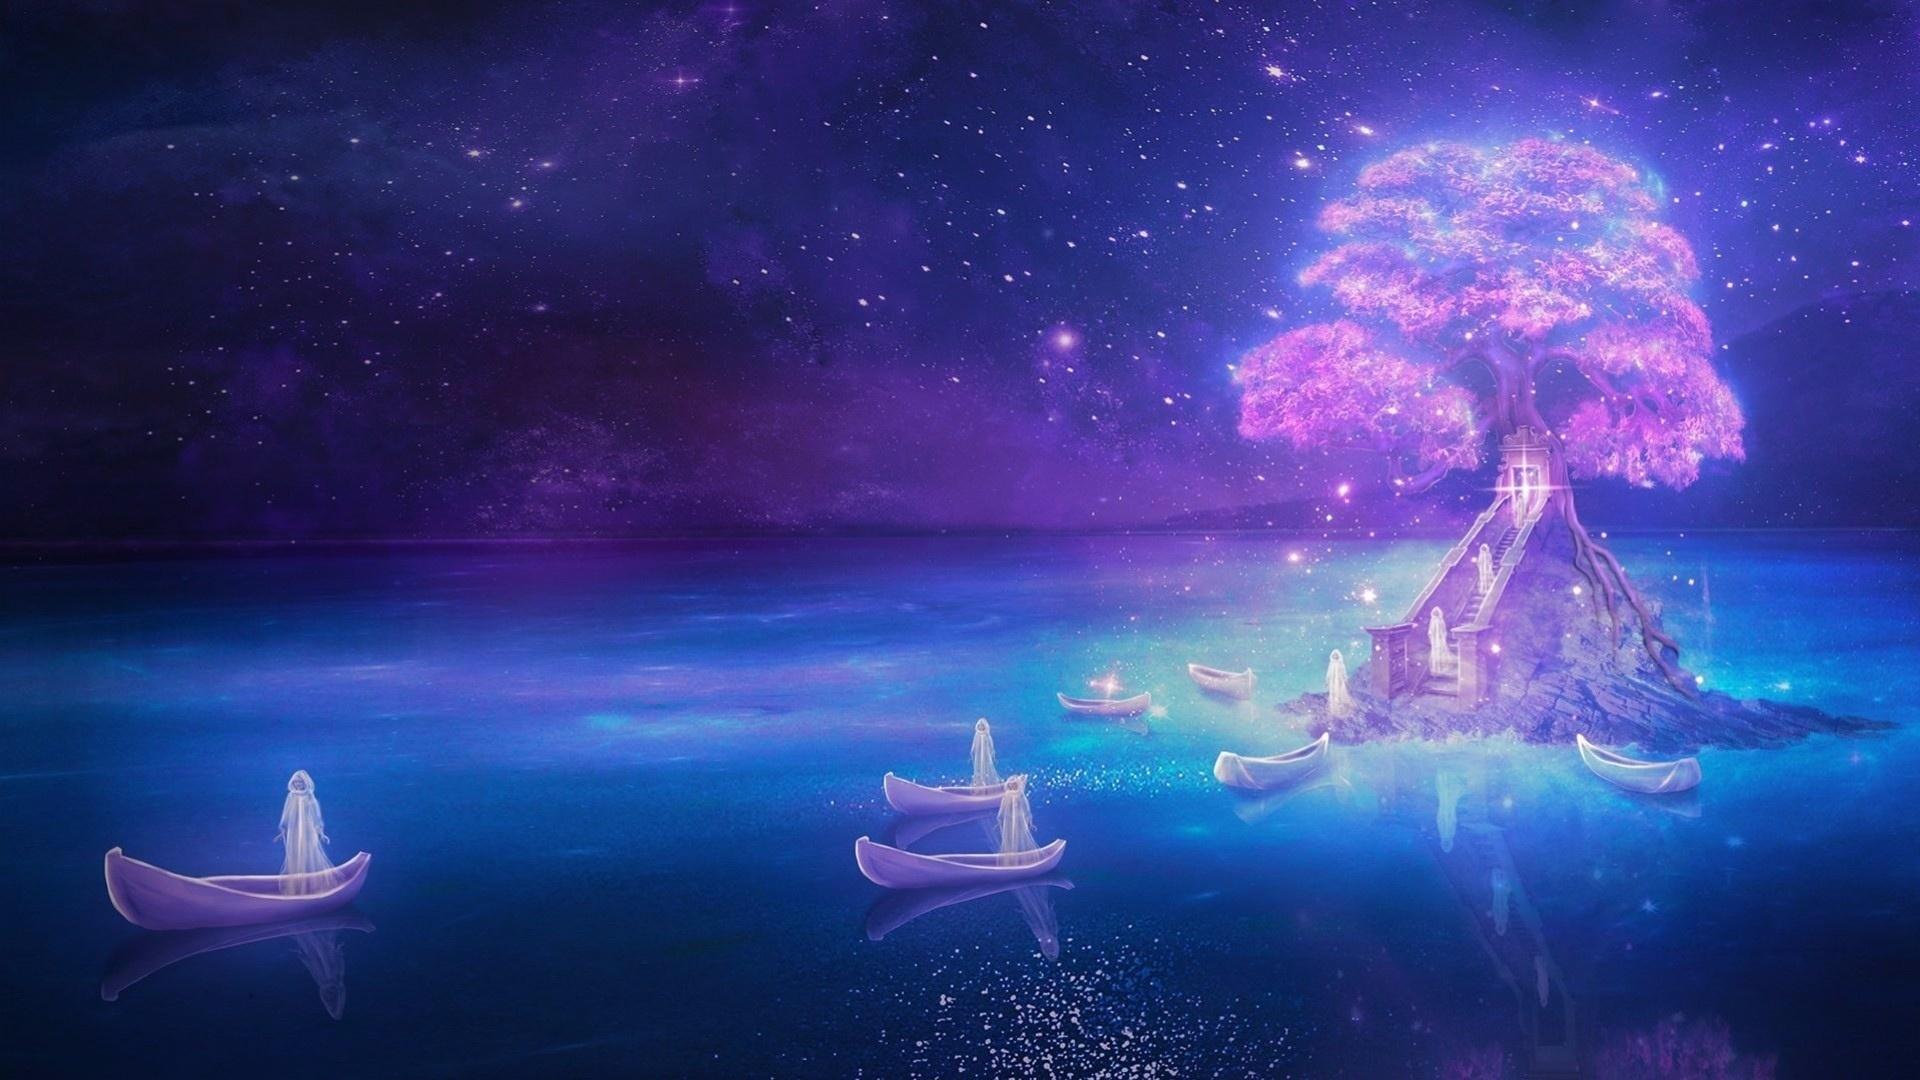 фантастика, мистика, девушка, загробный, мир, лодка, небытие, дух, душа, призрак, привидение